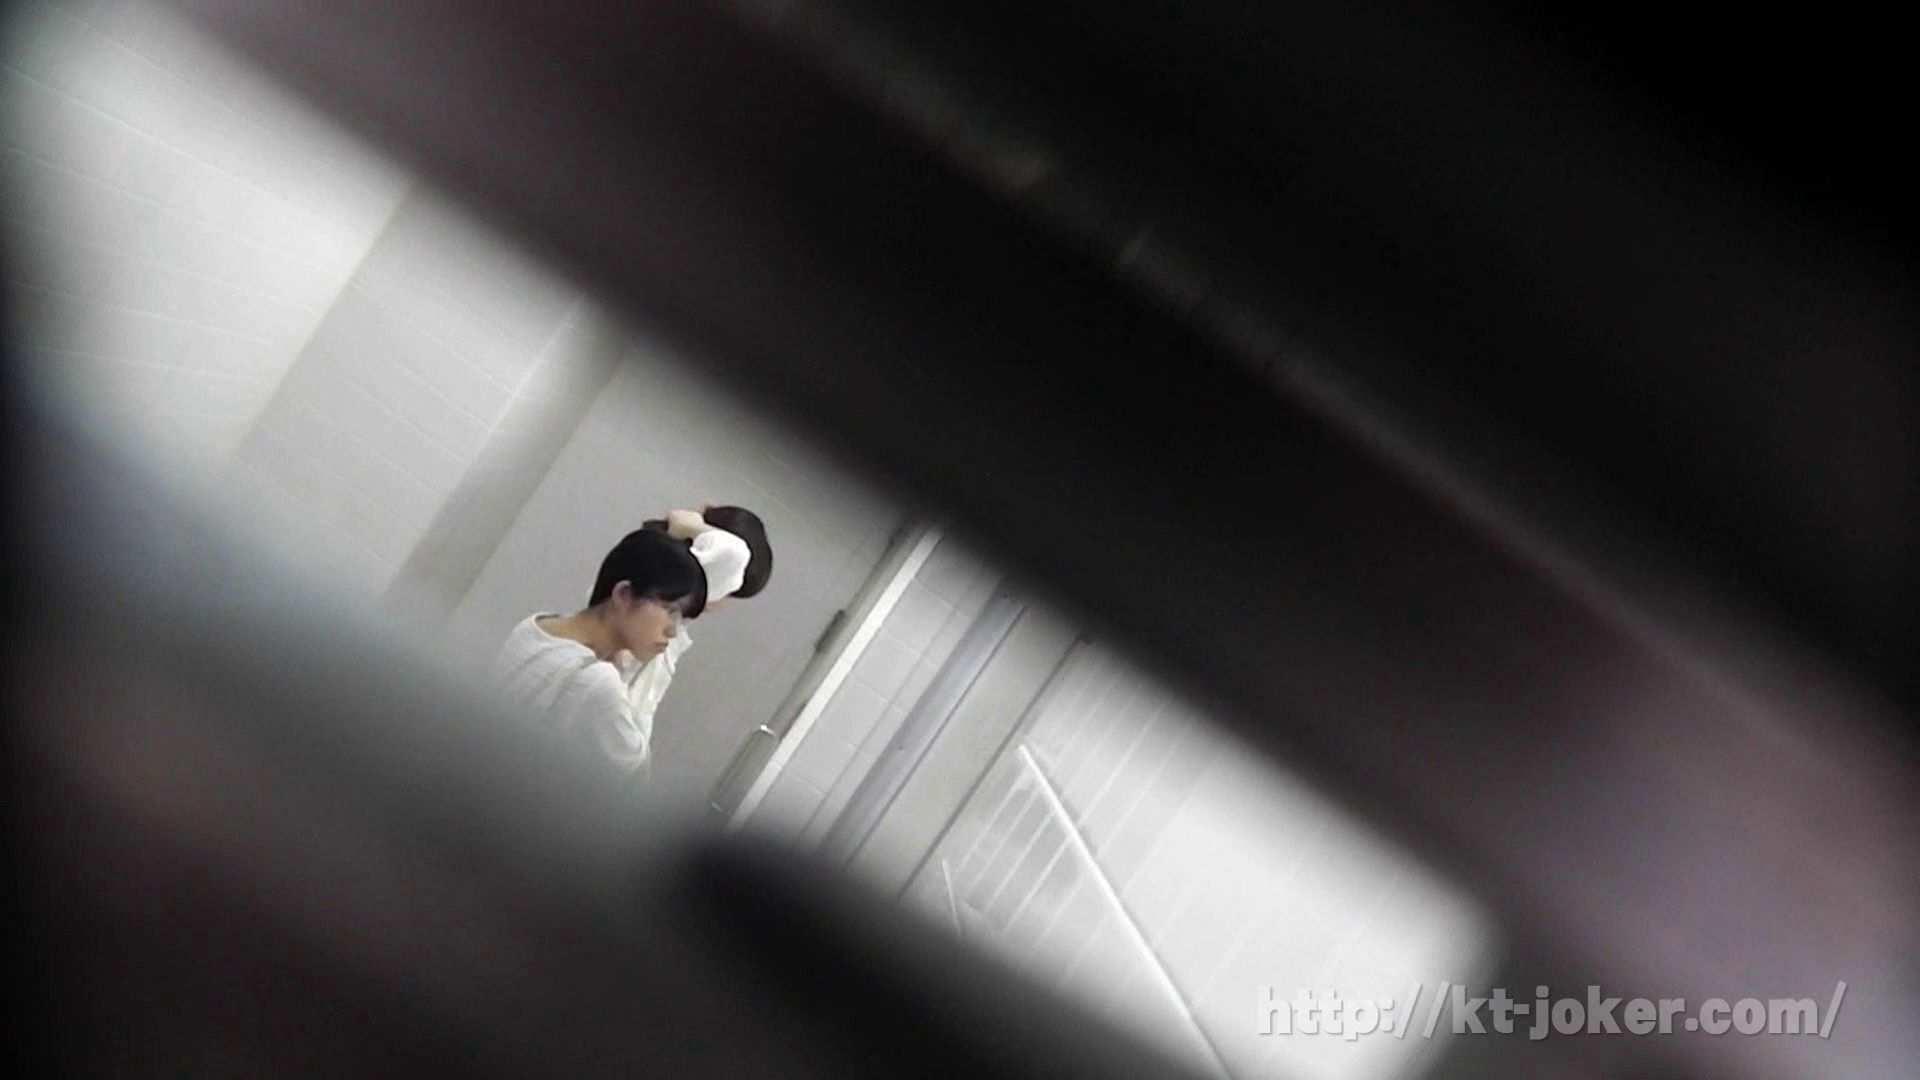 命がけ潜伏洗面所! vol.69 あのかわいい子がついフロント撮り実演 美しいOLの裸体 | プライベート  71pic 4